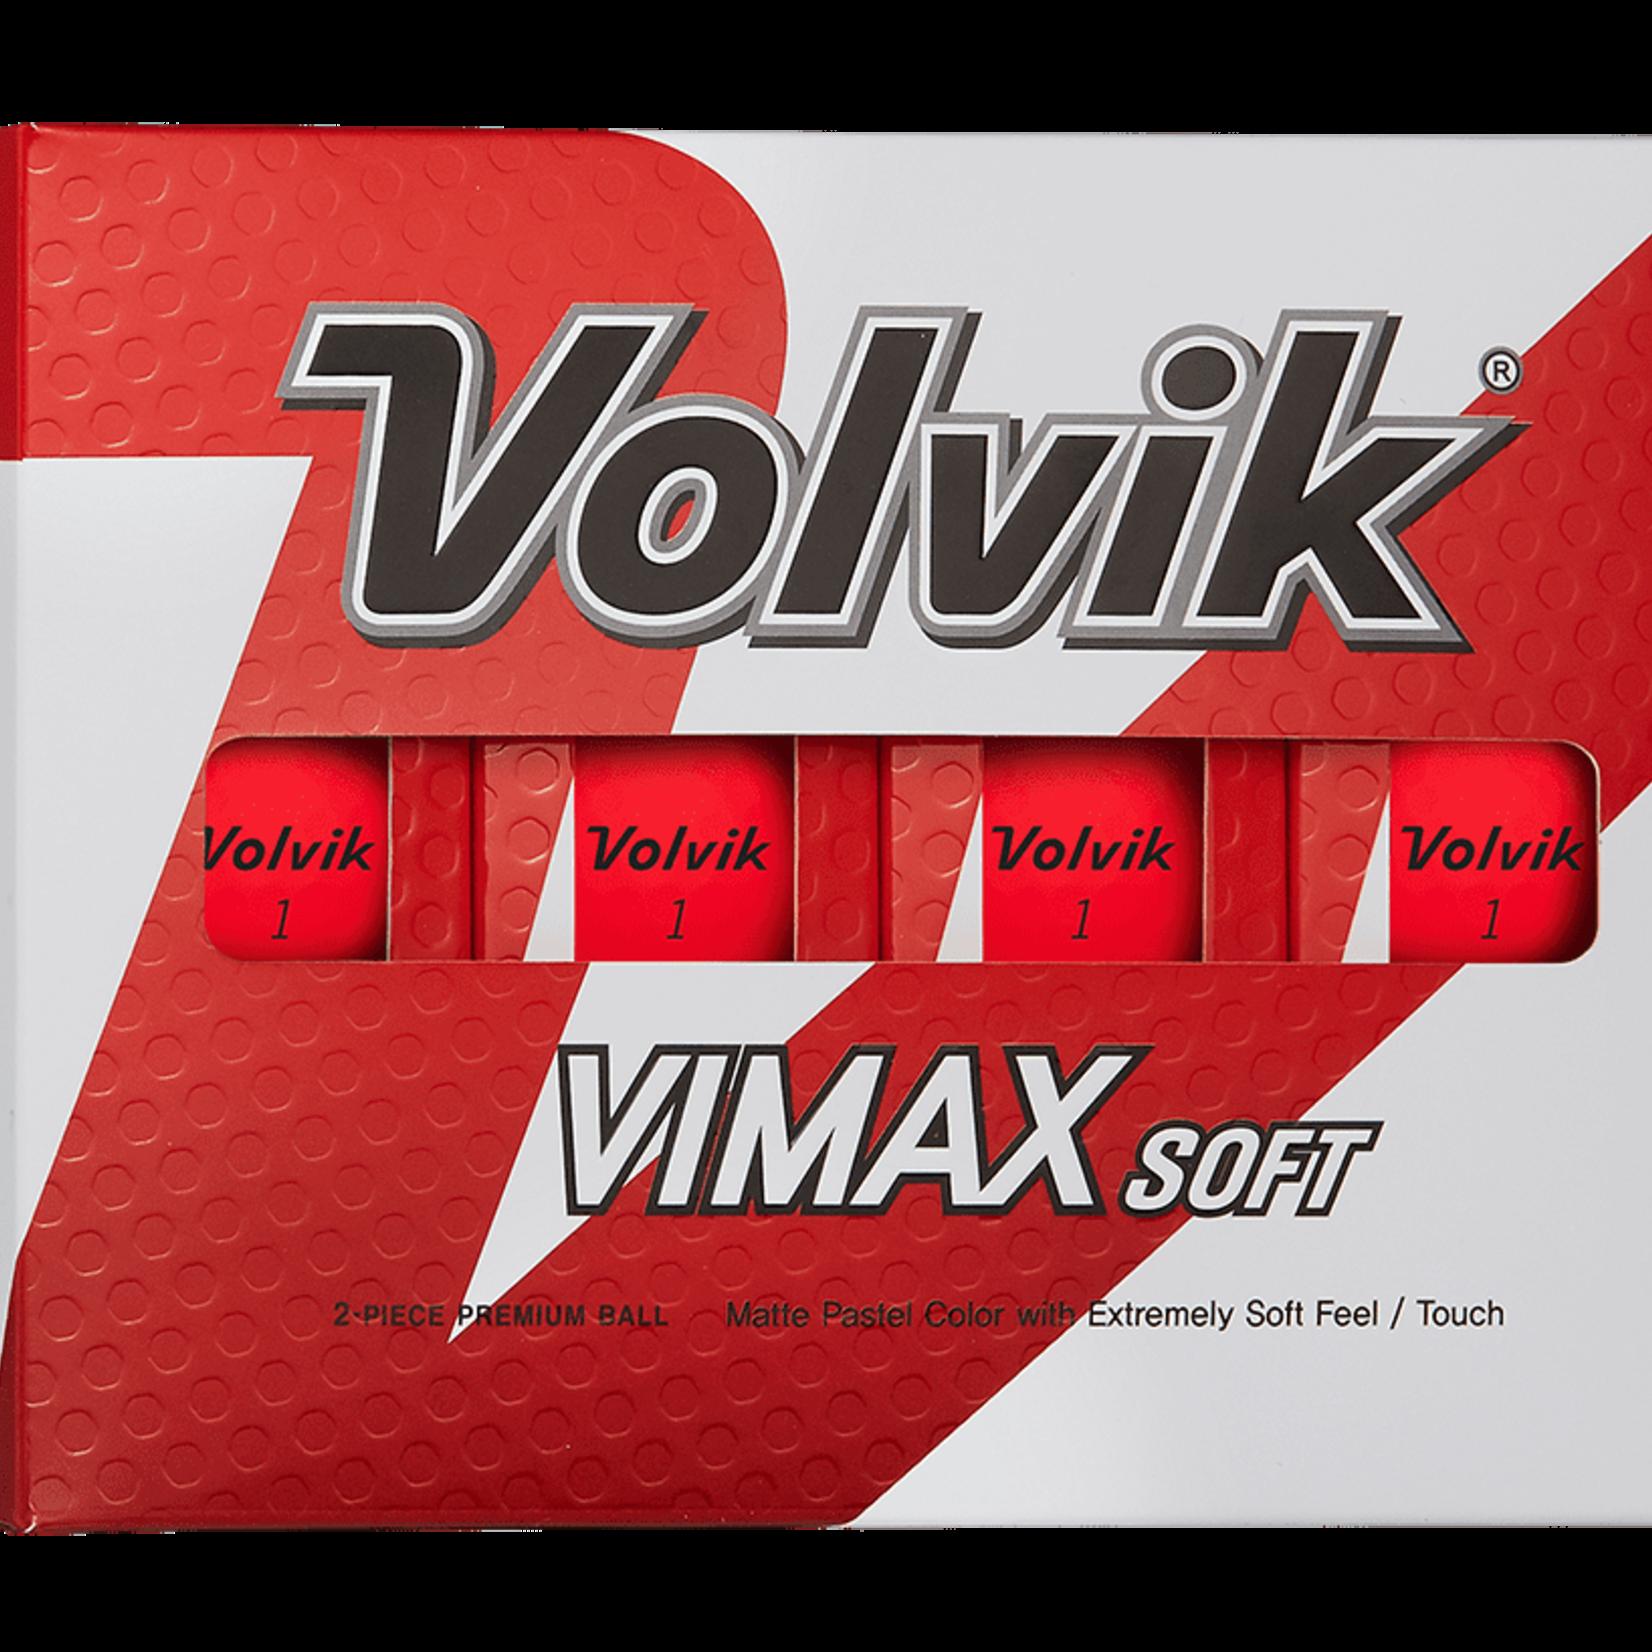 Volvik Volvik ViMAX Soft Dozen